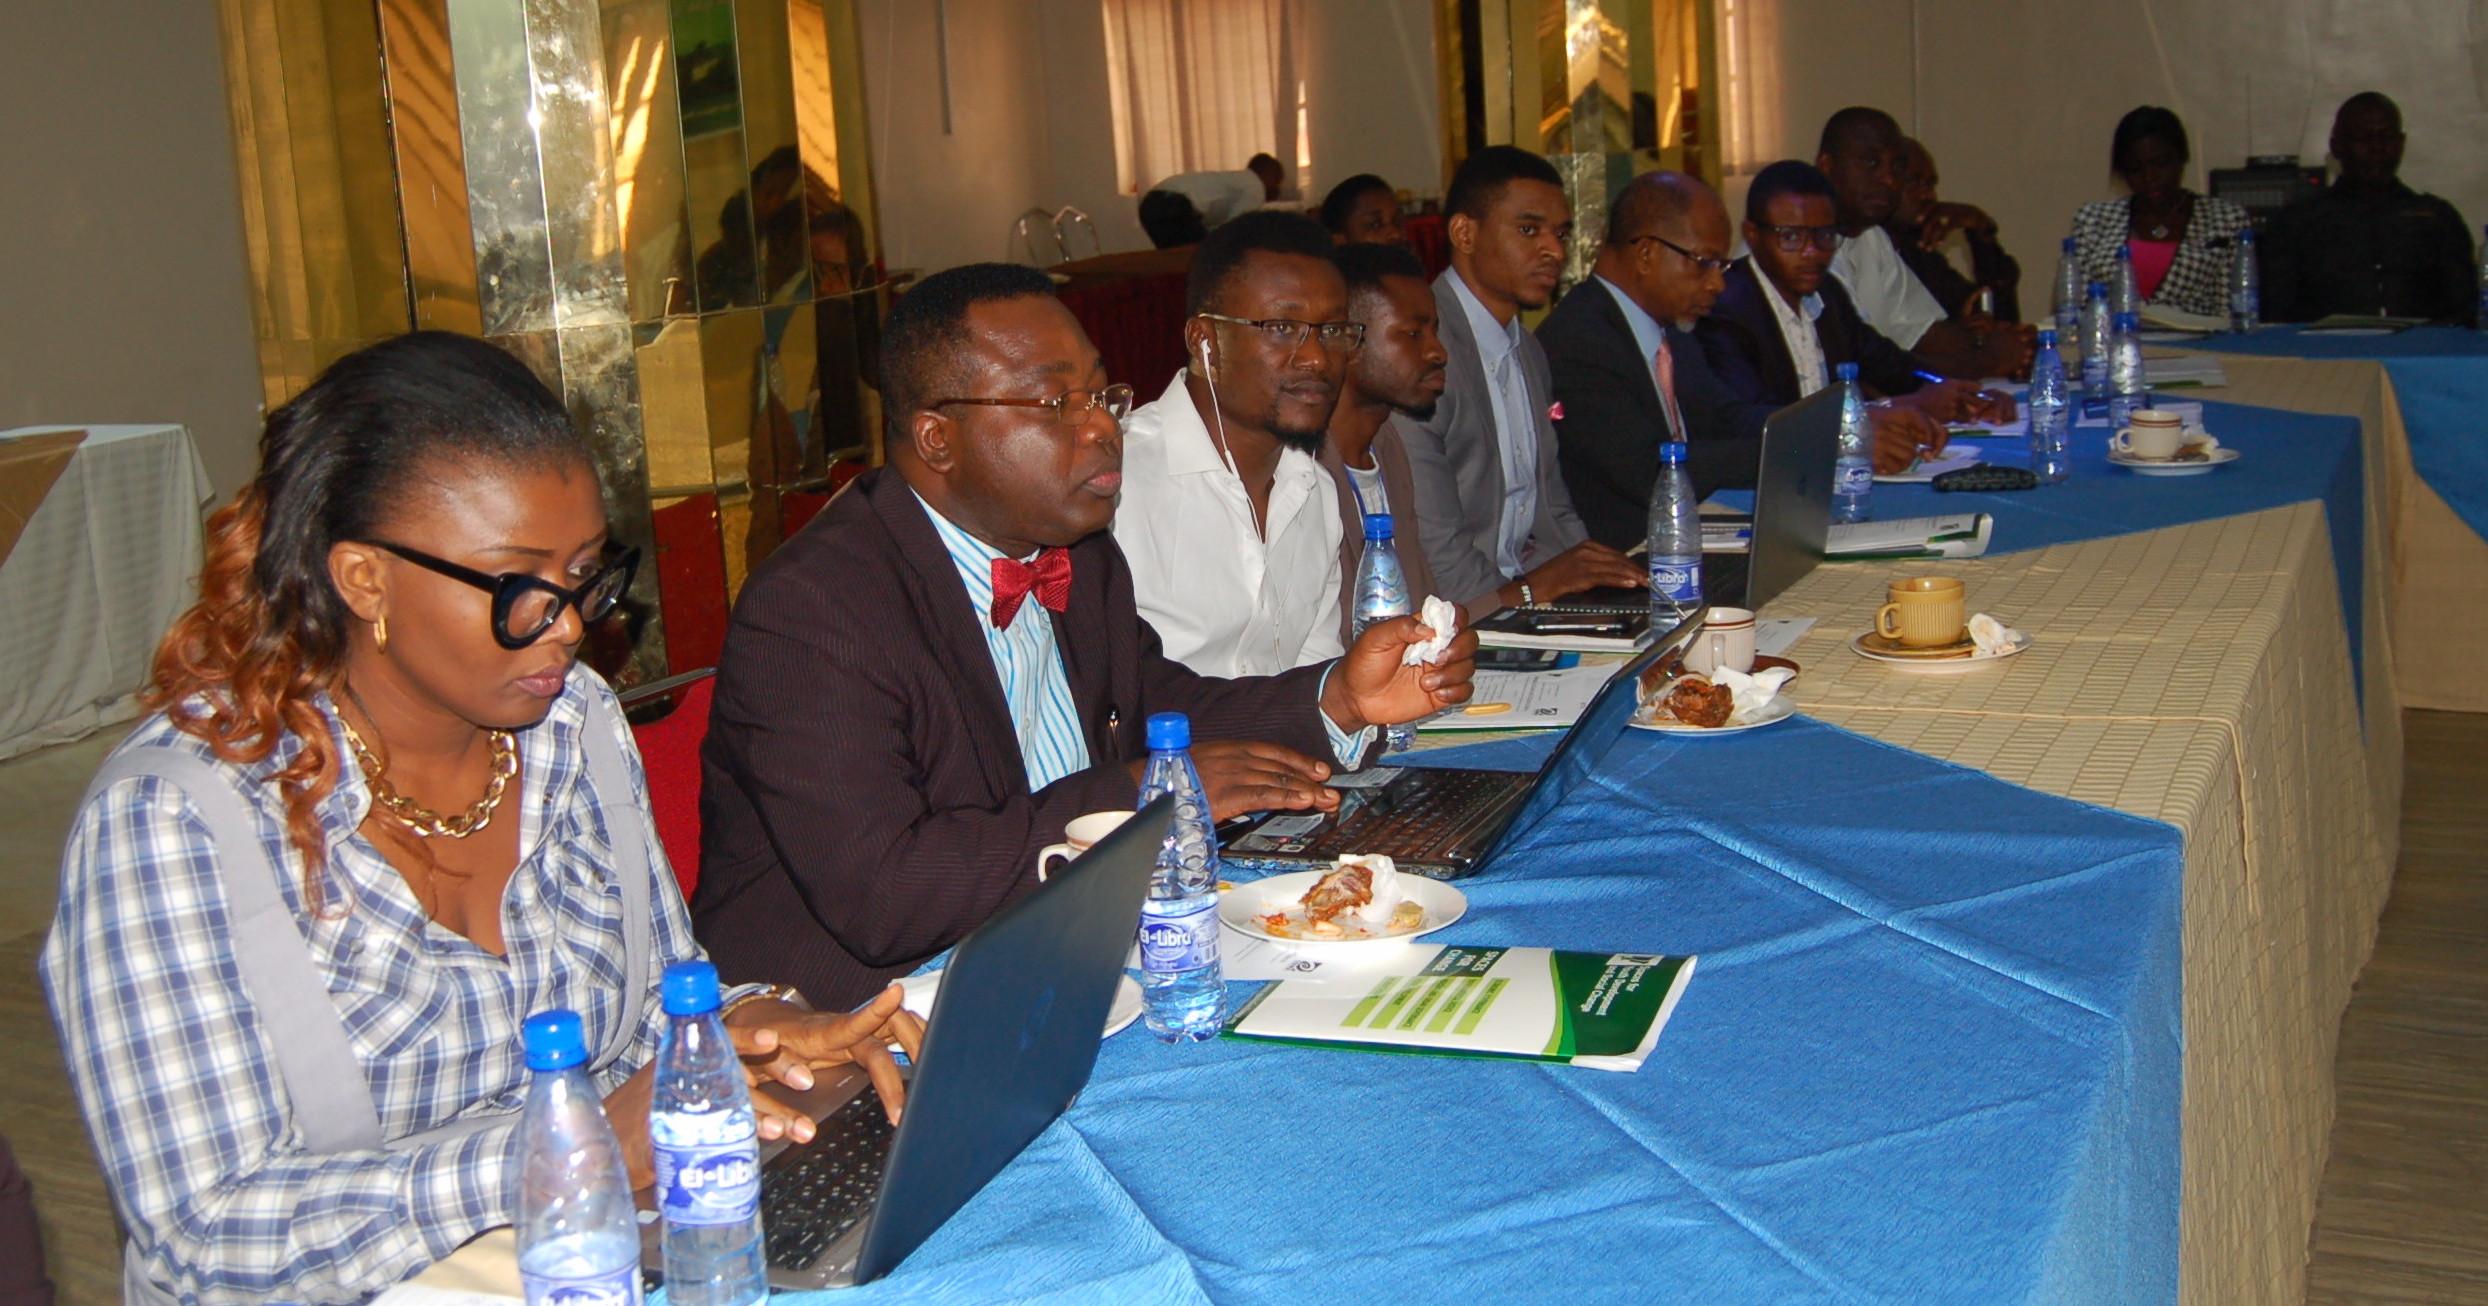 Forum participants